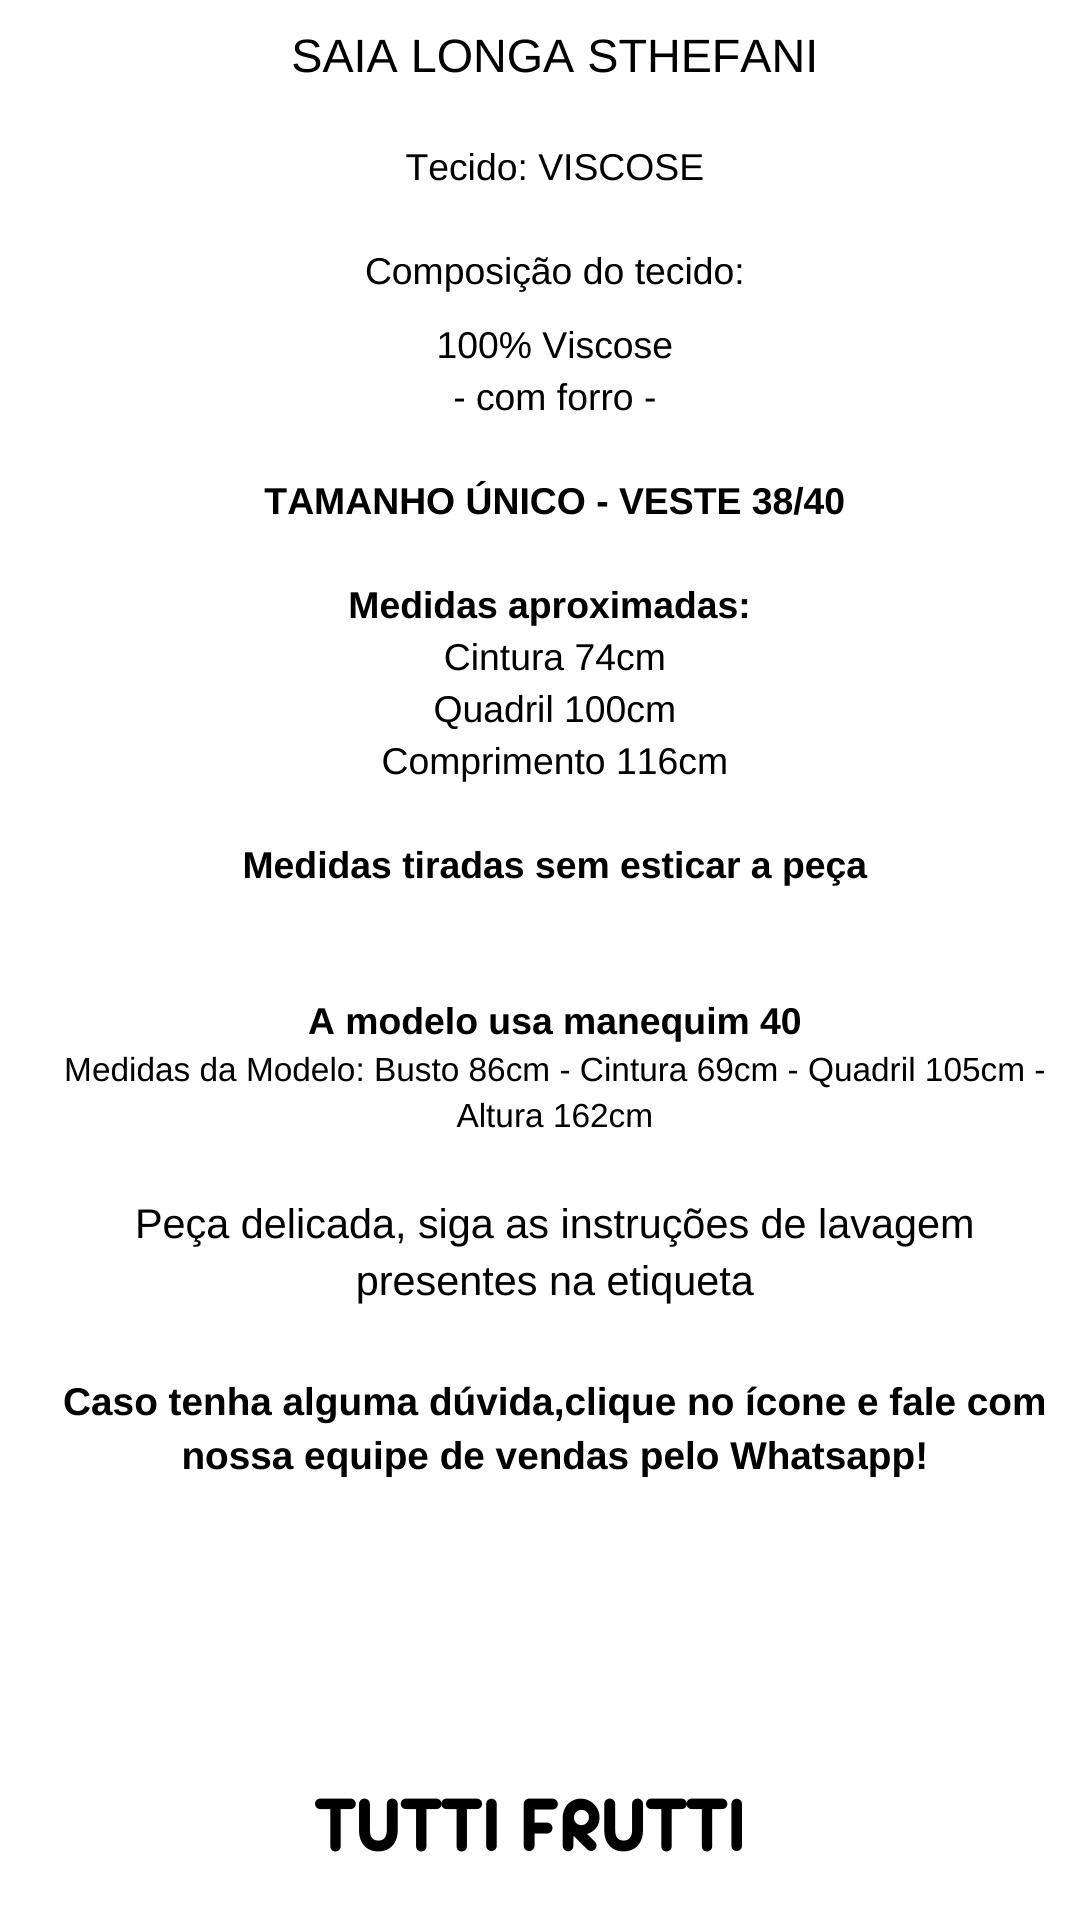 Guia-de-Tamanho